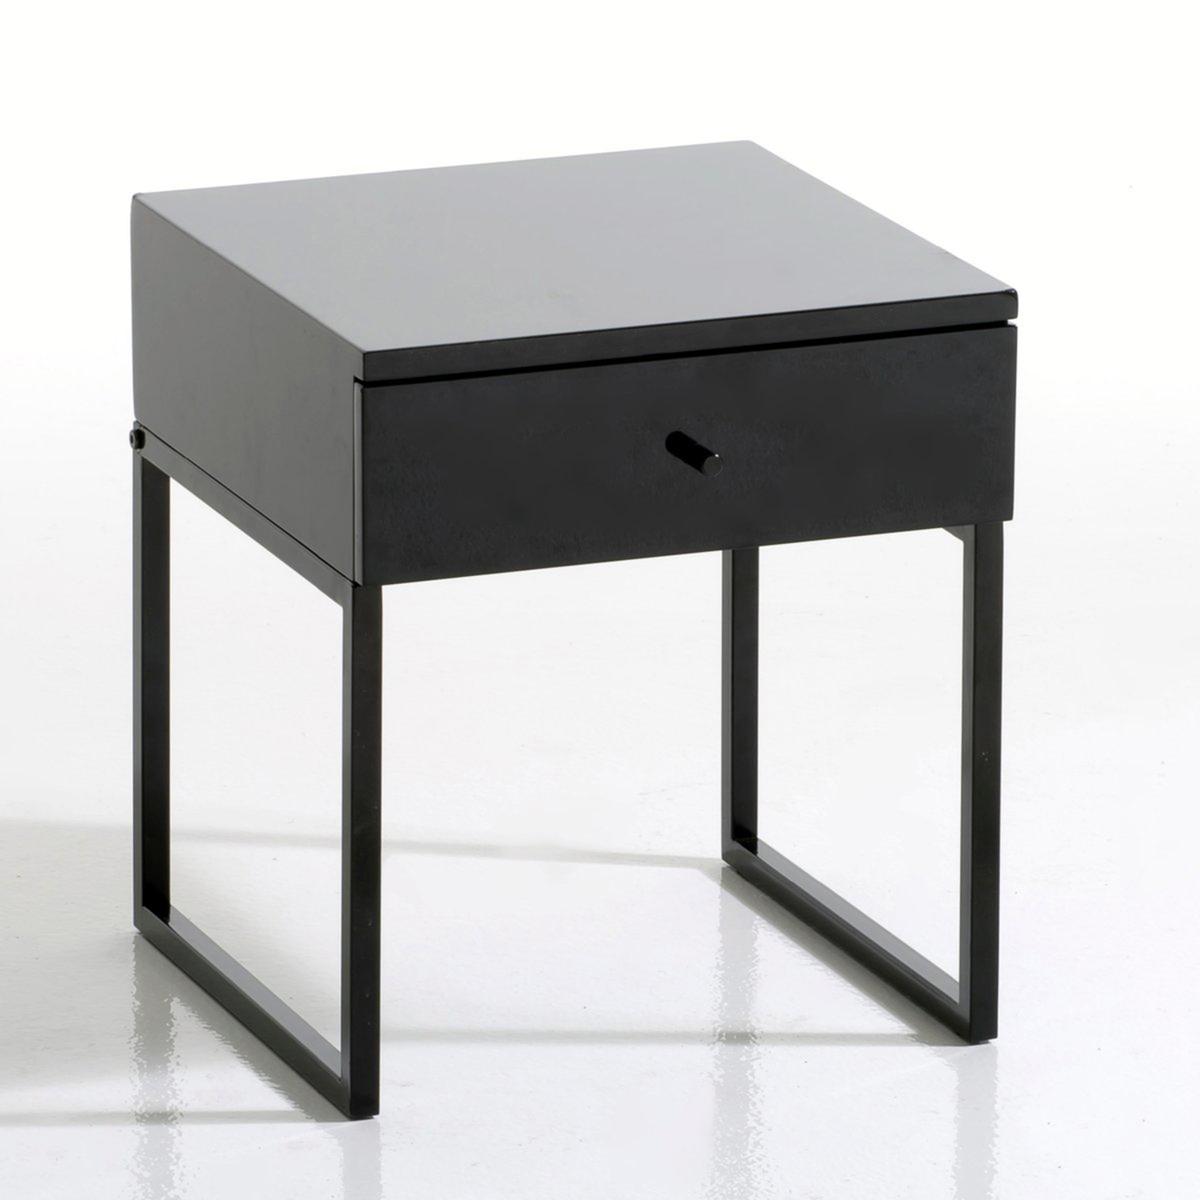 Тумба с 1 ящиком  NewarkХарактеристики :МДФ  15 мм,  глянцевое покрытие,. белого или черного цветов.Ножки-металлические стержни 10/10мм, глянцевое покрытие,. белого или черного цветов.Поставляется в разобранном виде.Размеры :Ширина : 35 см.Высота : 40 смГлубина : 35 см.<br><br>Цвет: черный